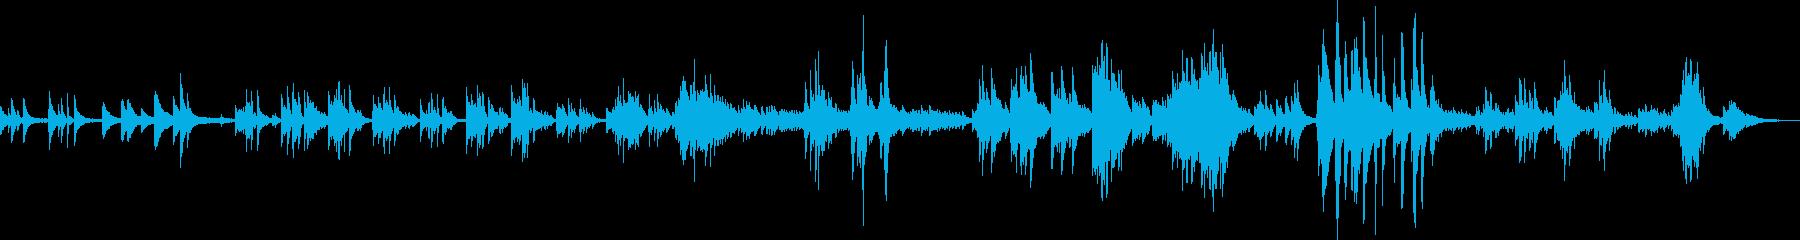 和風の切ないピアノバラード(幻想的)の再生済みの波形